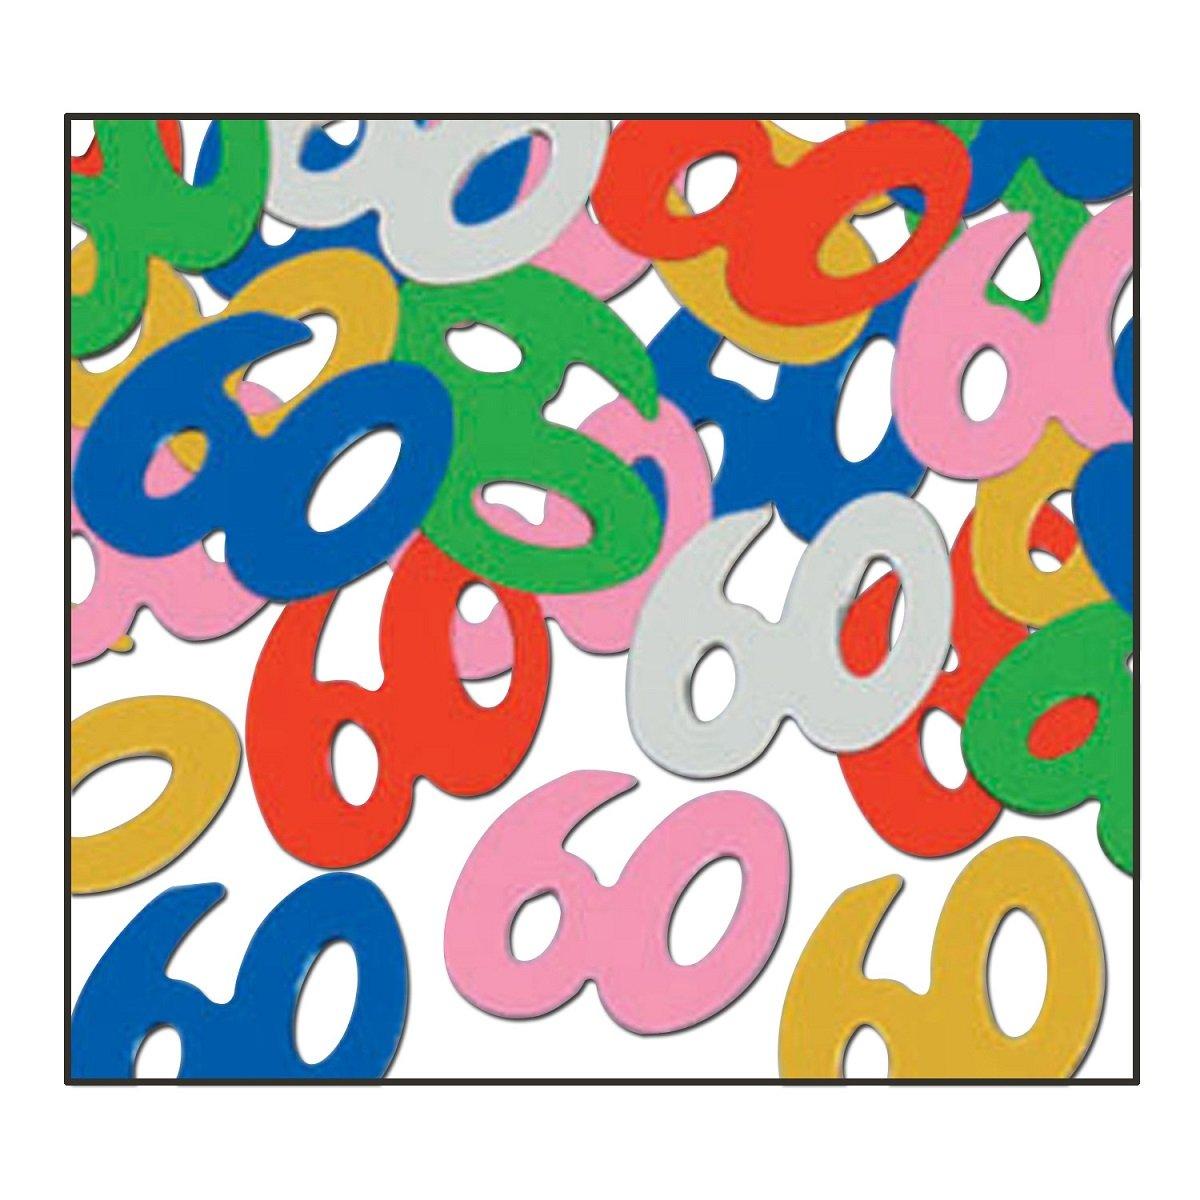 Party Central Club Pack of 12 Multi-Colored Fanci-Fetti 60'' Celebration Confetti Bags 0.5 oz.